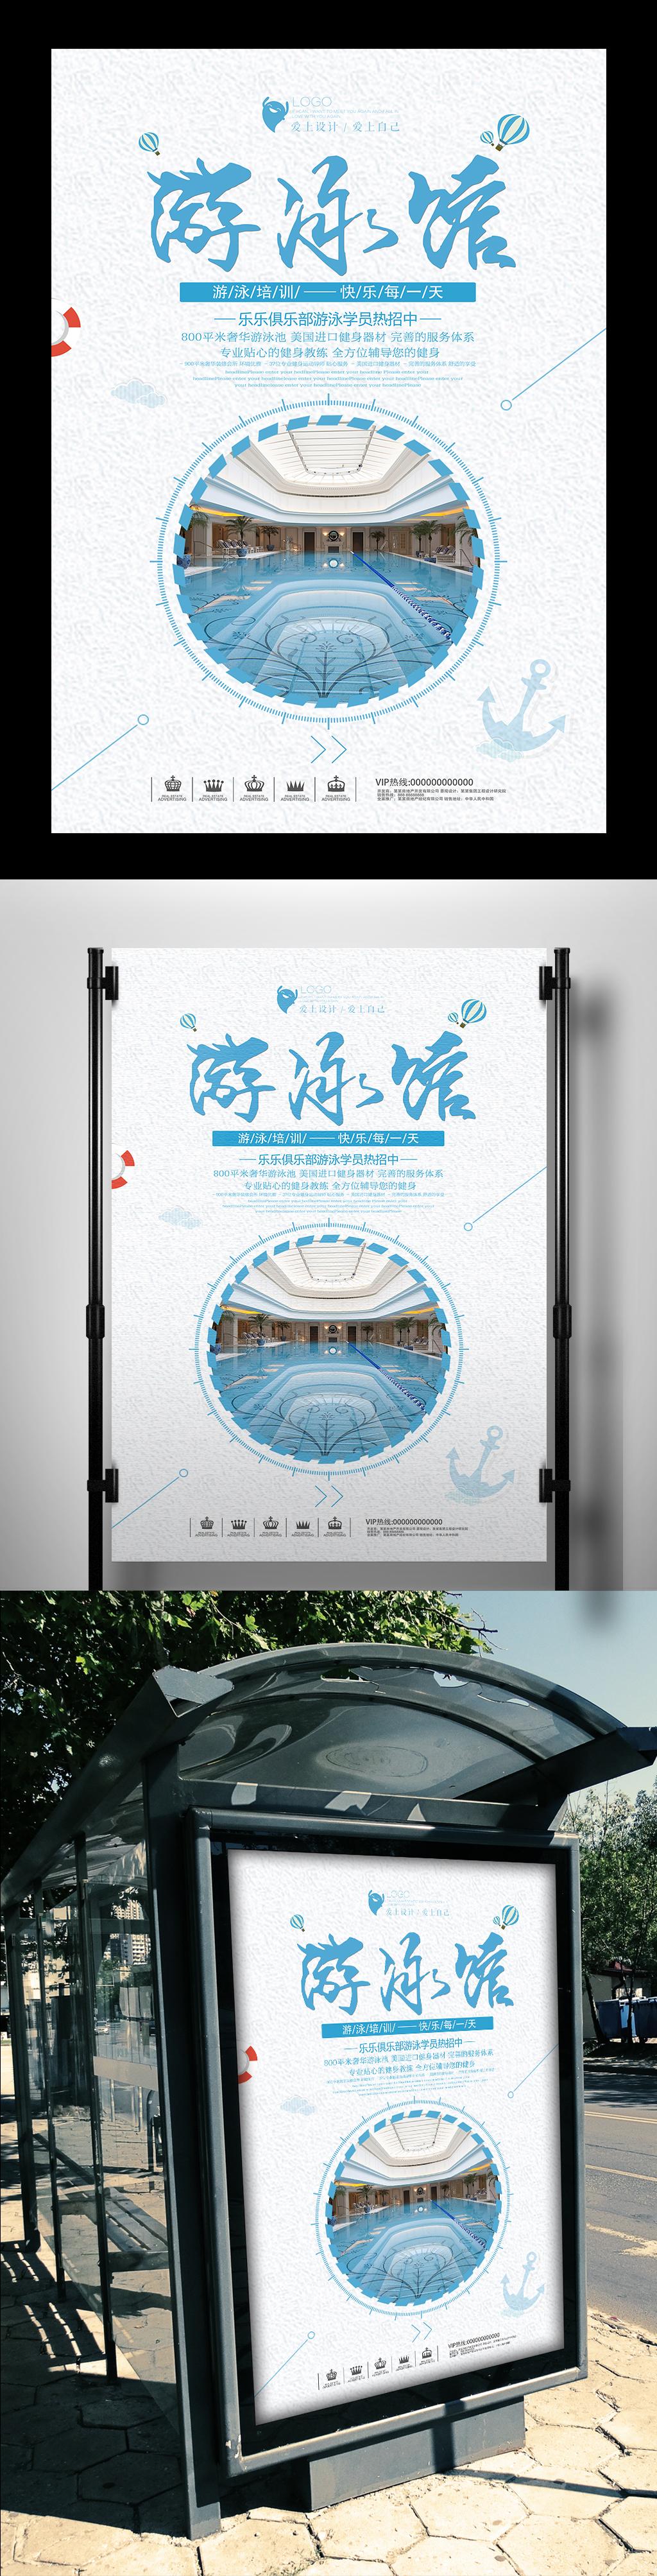 简洁游泳馆海报设计